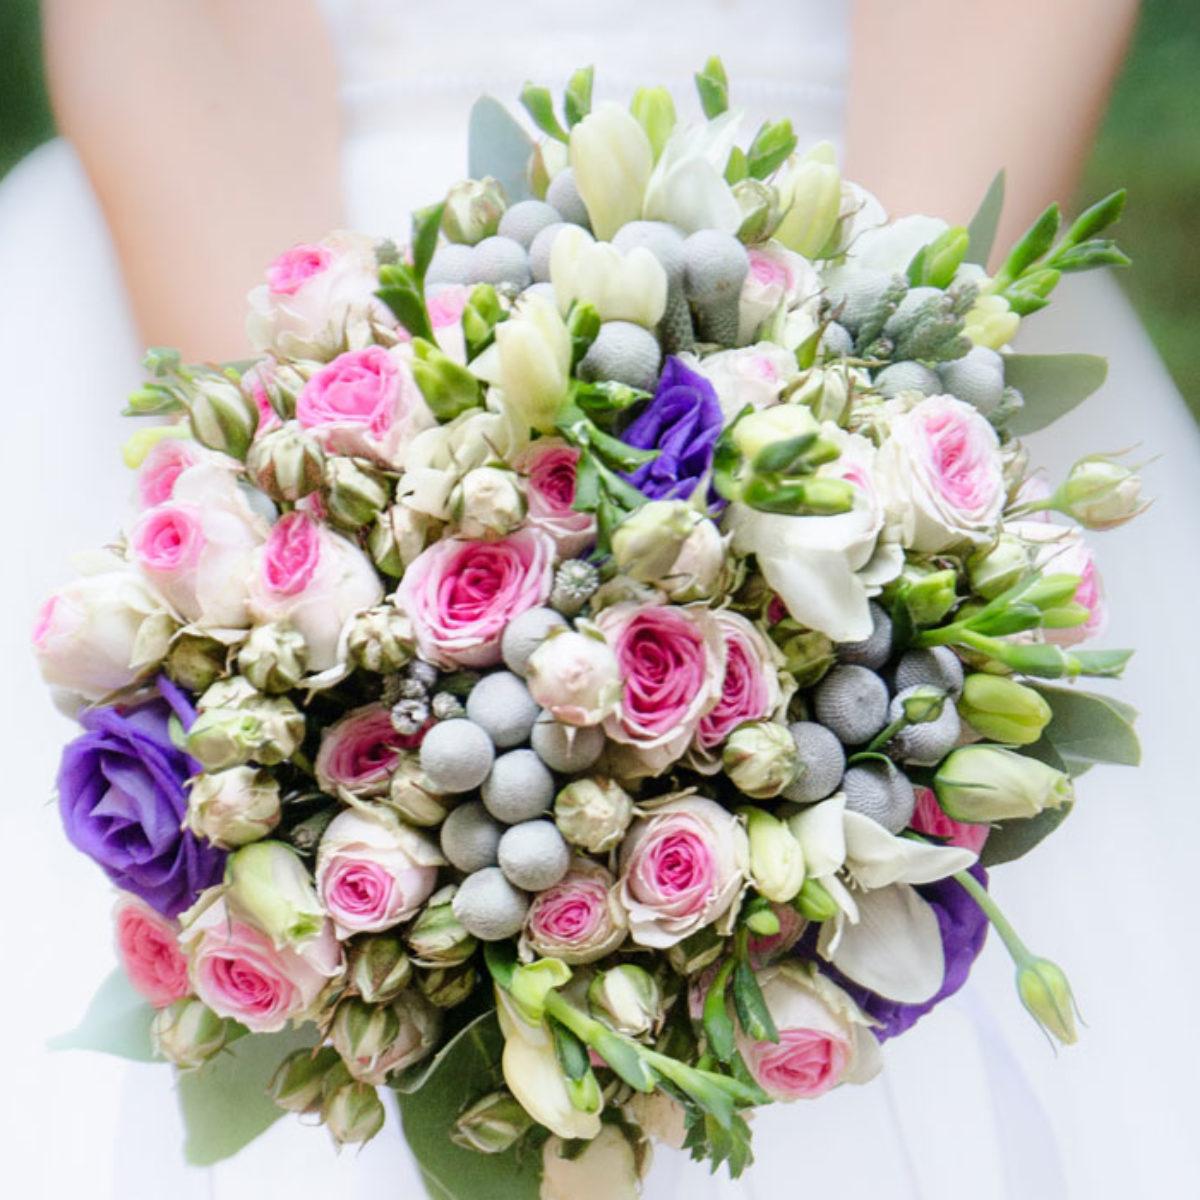 Anniversario Di Matrimonio Piu Lungo.Frasi Di Auguri Per Matrimonio Le 100 Piu Semplici Classiche Ed